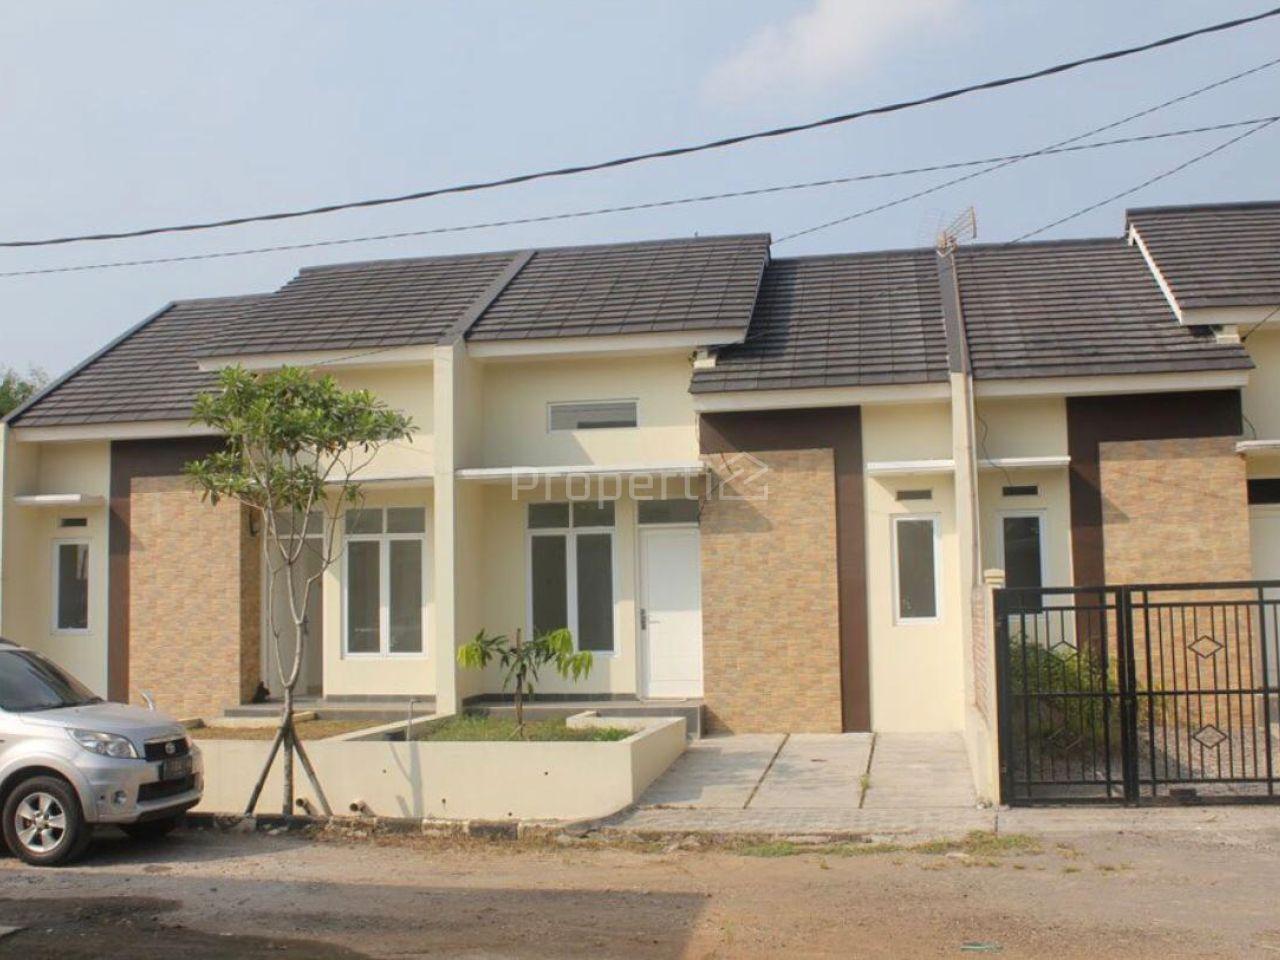 Residential House at Kristal Garden Residences, Jawa Barat